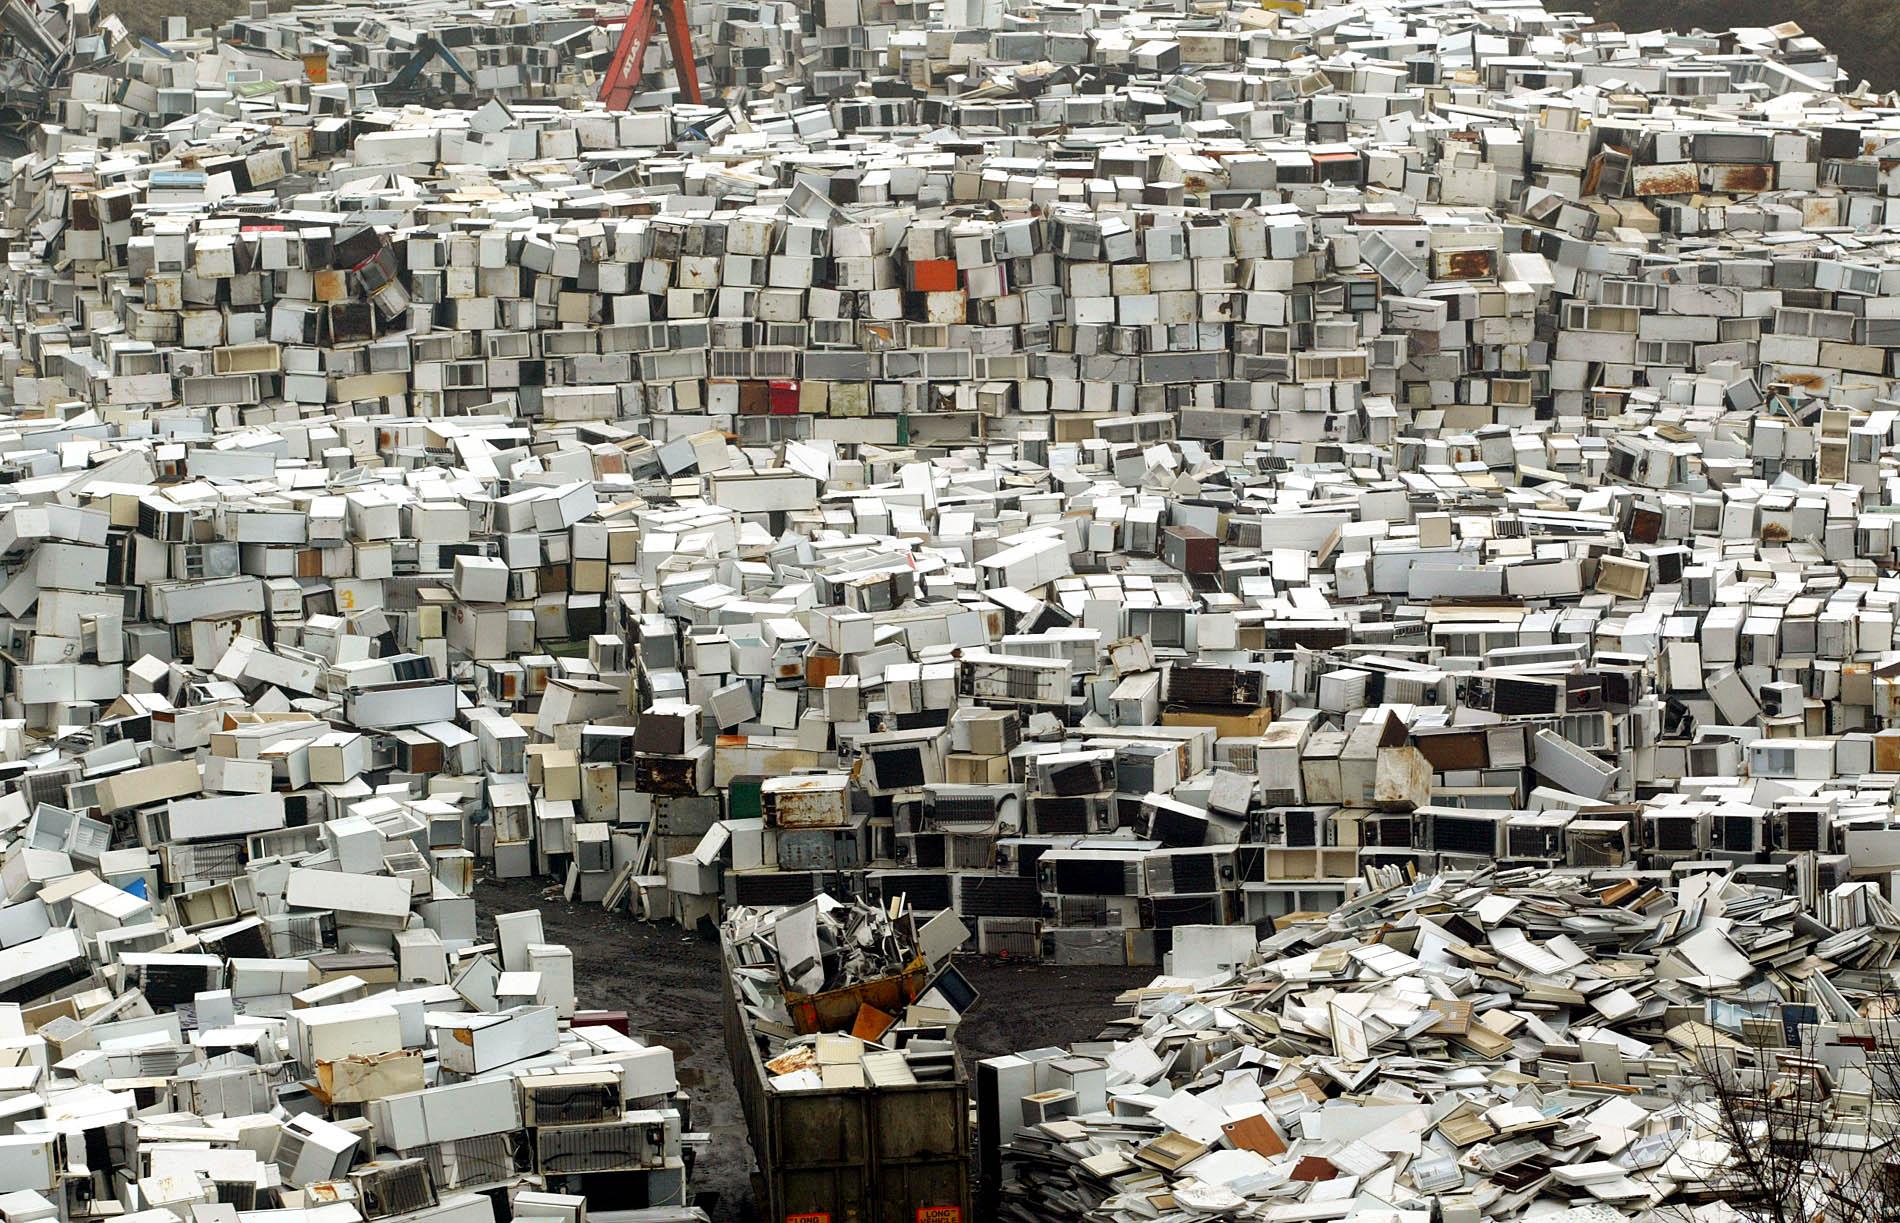 Economia circolare: il riciclo dei rifiuti elettronici aumenta anche al Sud